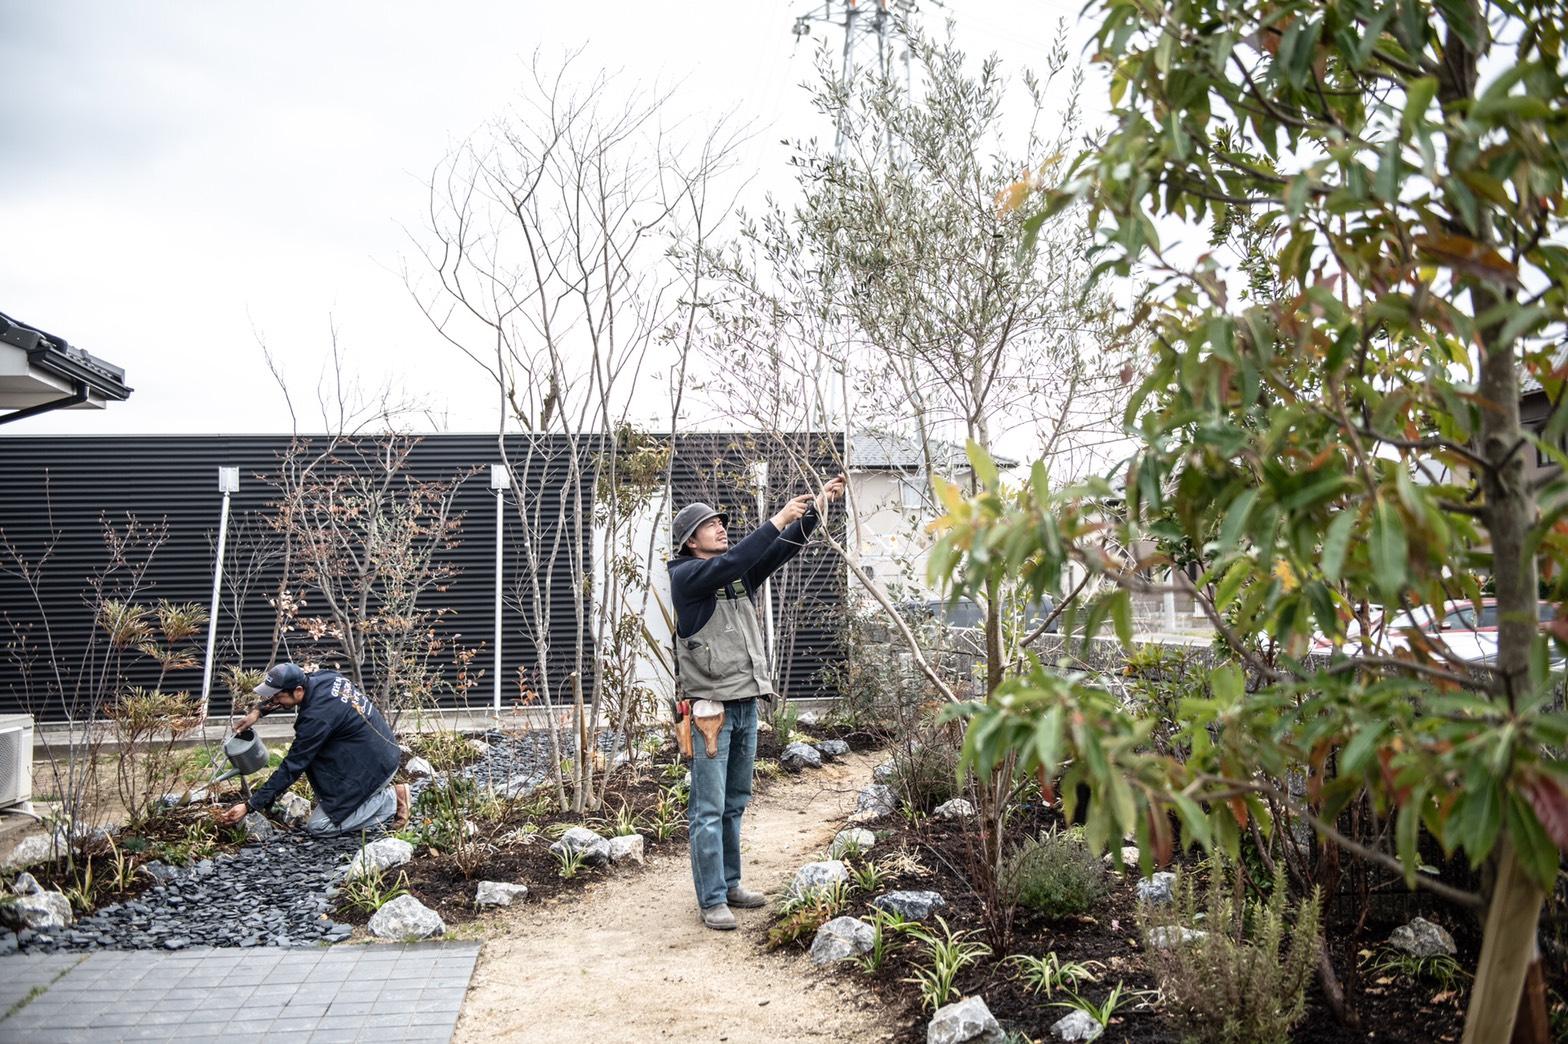 GREEN DESIGN EN'Sさんは、植物との生活「GREEN LIFE」をコンセプトにした庭づくりを手掛ける造園会社。生活する庭・眺めたくなる庭・遊べる庭・収穫のできる庭、そして「そこで暮らす人と歳をとっていけるような庭」づくりをお手伝いしてくれます。